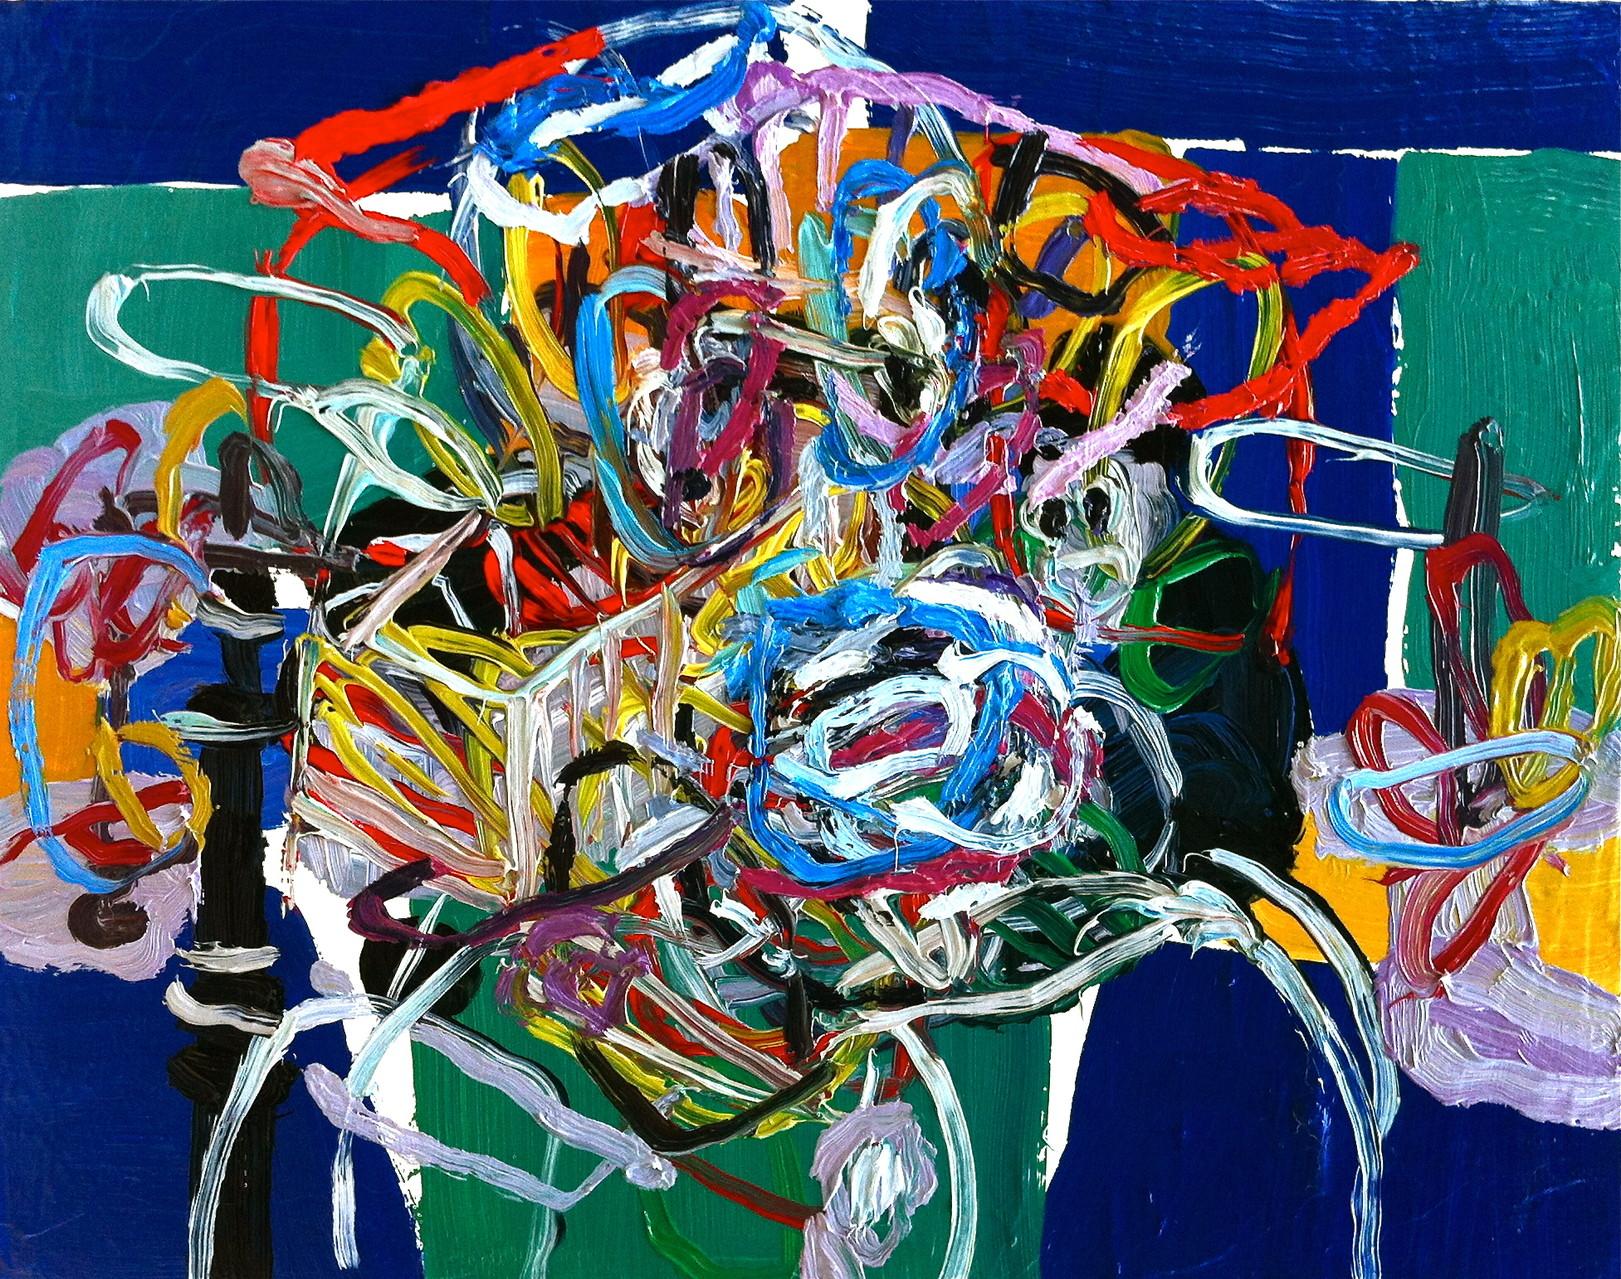 La capacità di un uomo di abbandonare il proprio carrello,olio su tela cm 28x22, 2014